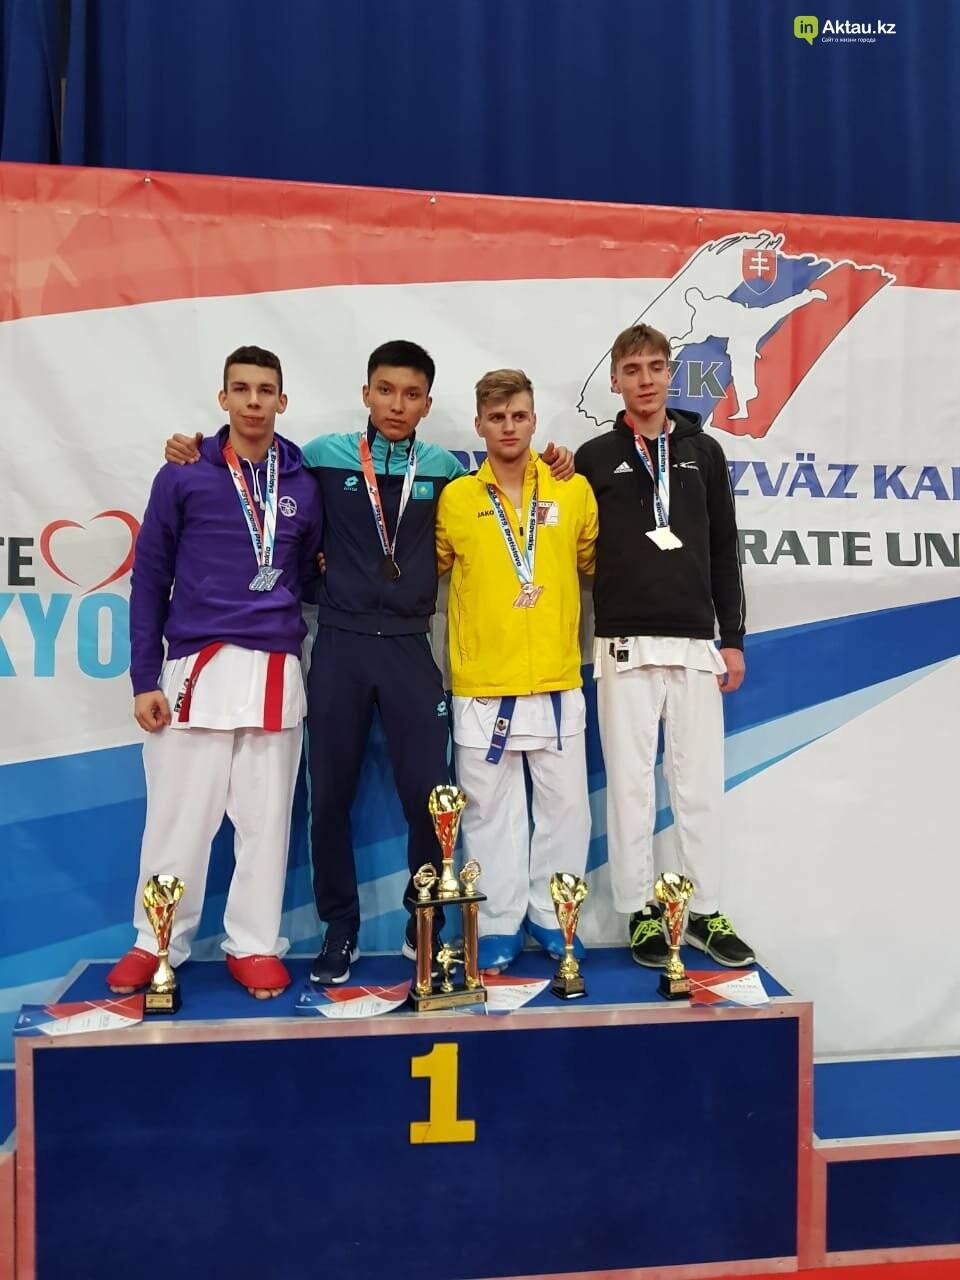 Три медали завоевали мангистауские каратисты в Братиславе, фото-2